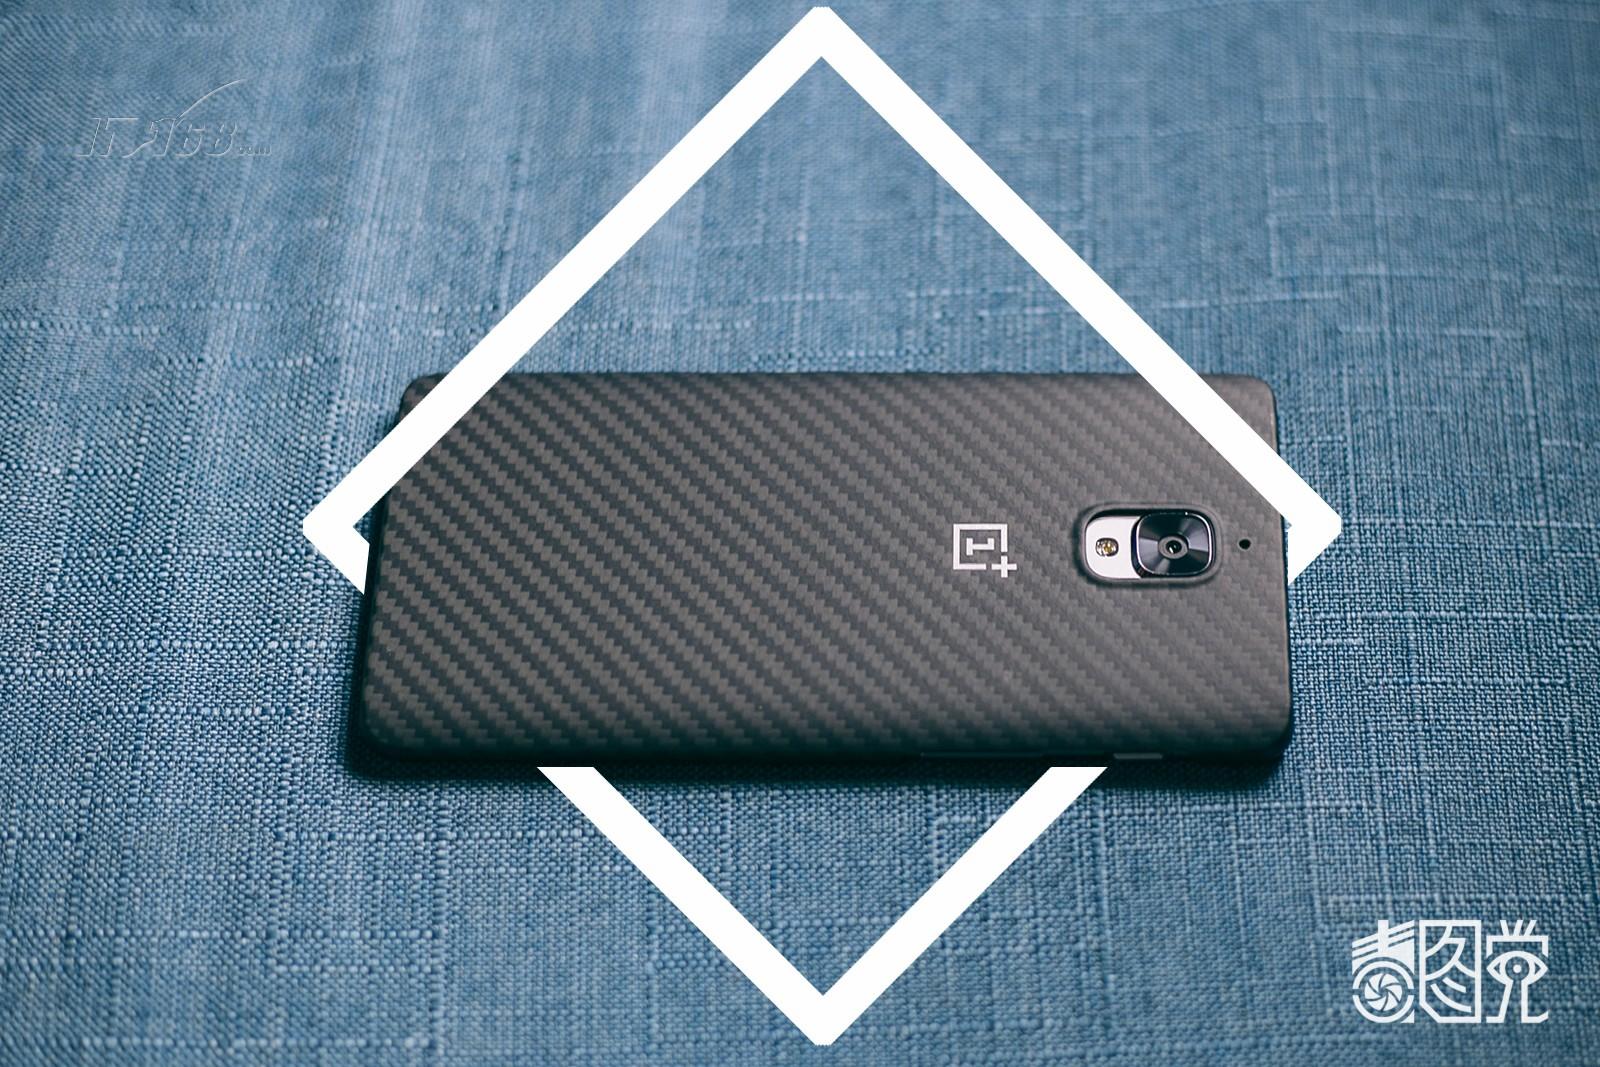 一加手机3 全网通 冰川灰版场景图片85素材-it168手机